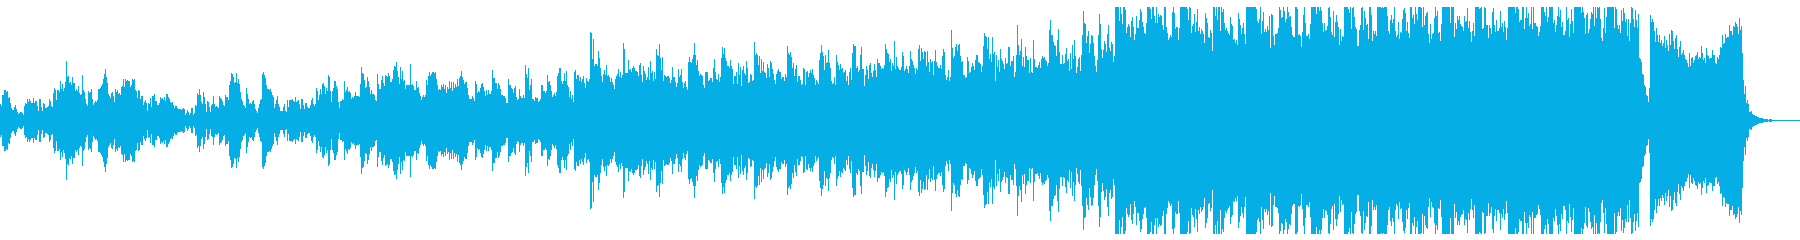 シネマティックなテクスチャーの再生済みの波形